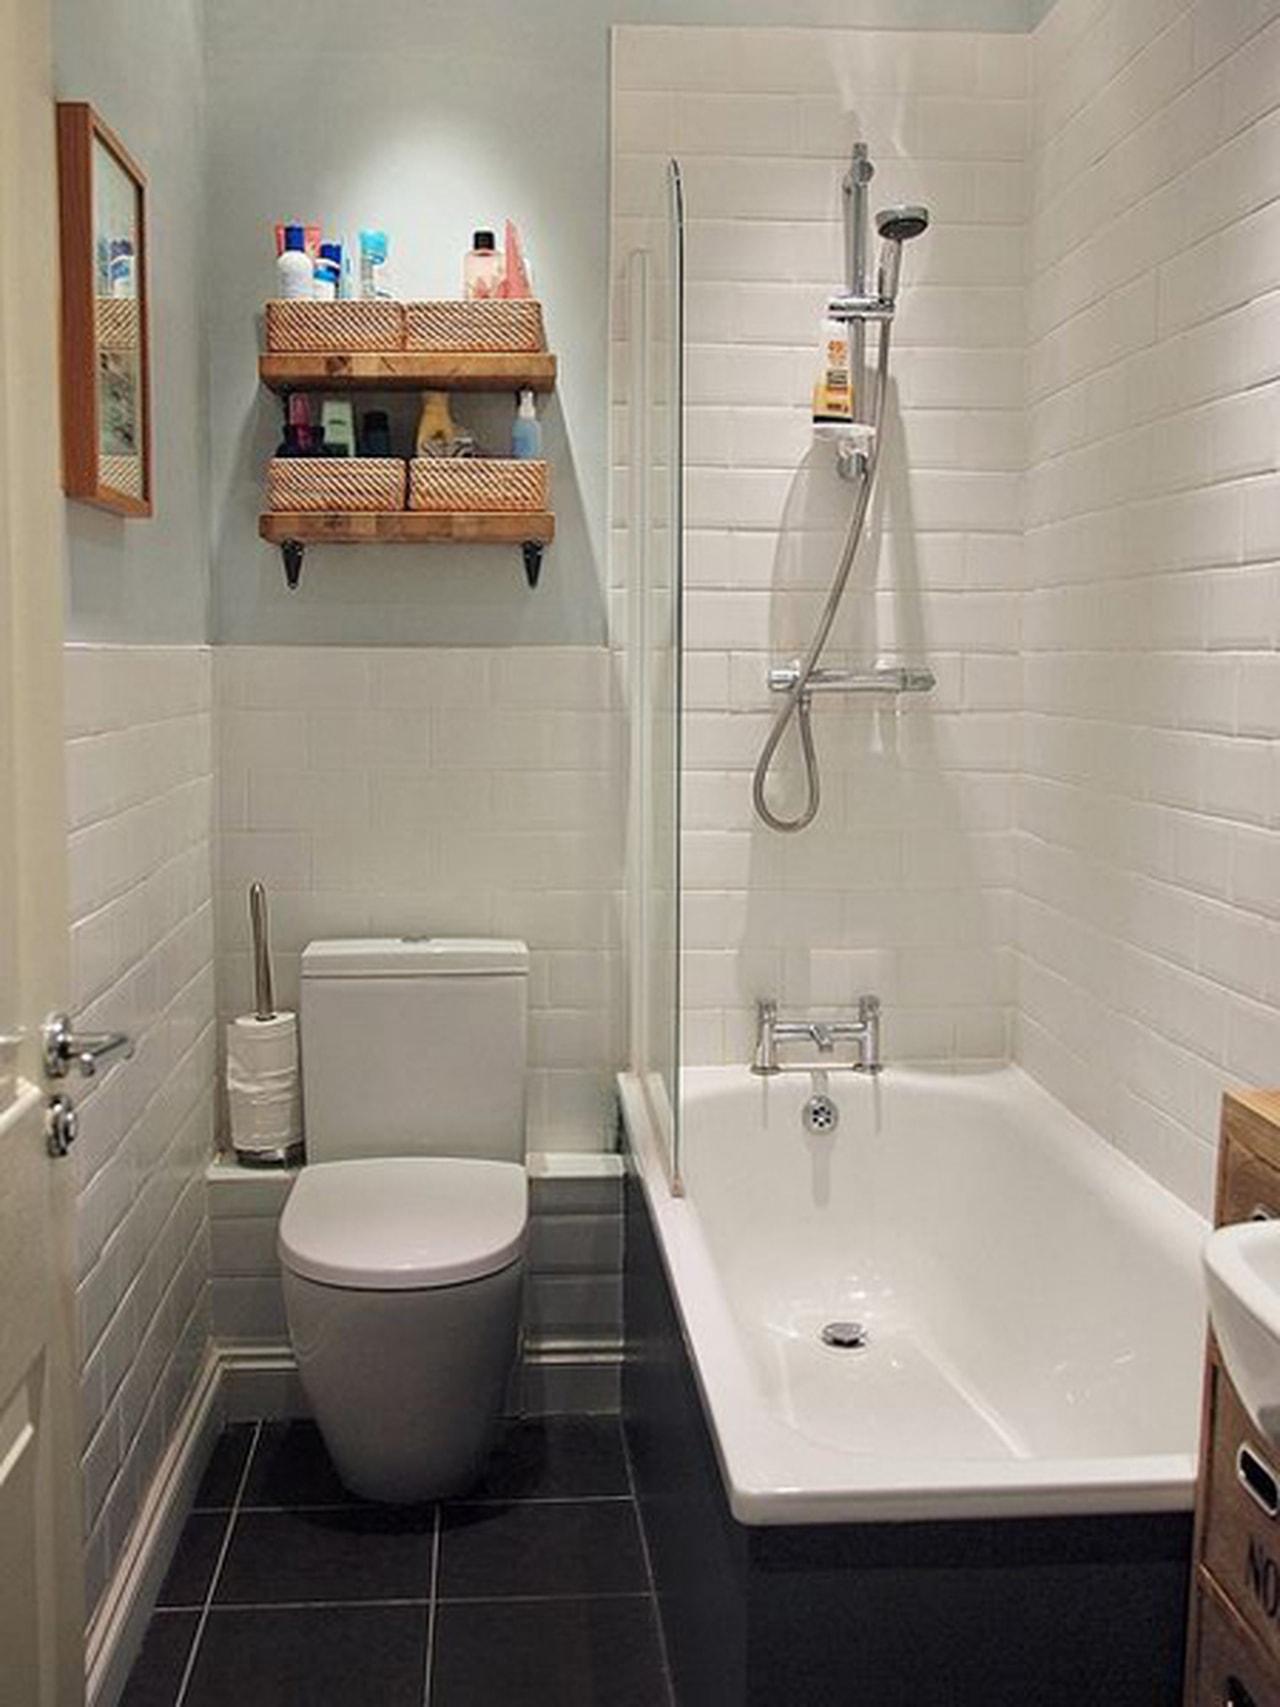 بالصور ديكورات حمامات مغربية صغيرة ديكورات حمامات مغربية عصرية , ديكور حمام مغربي شيك 3292